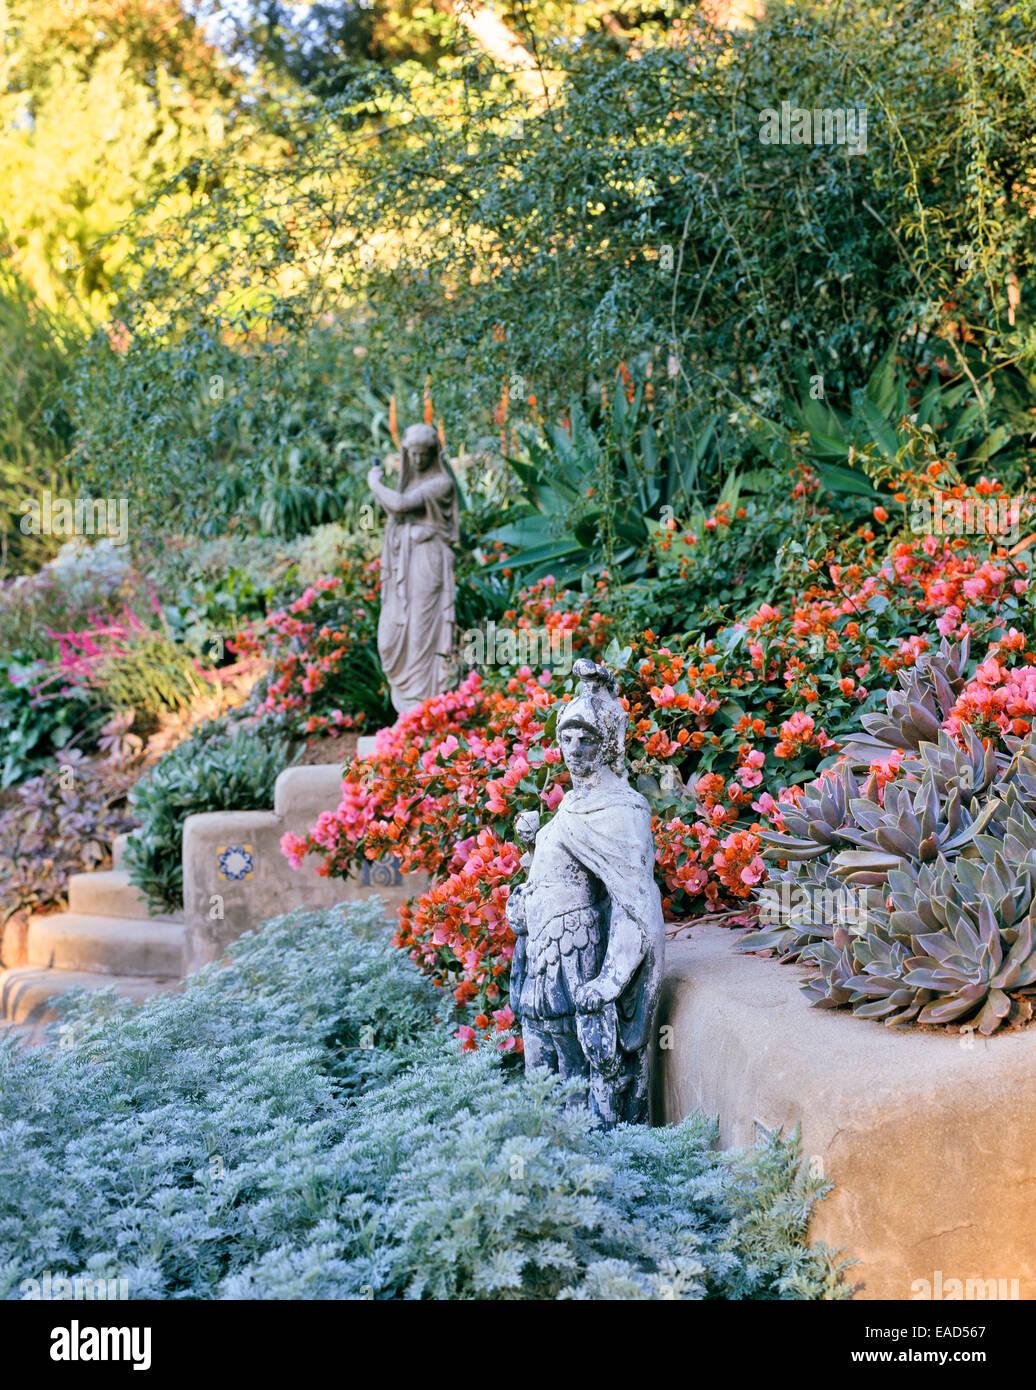 Fioritura giardino nel deserto con la scultura in Los Angeles Immagini Stock